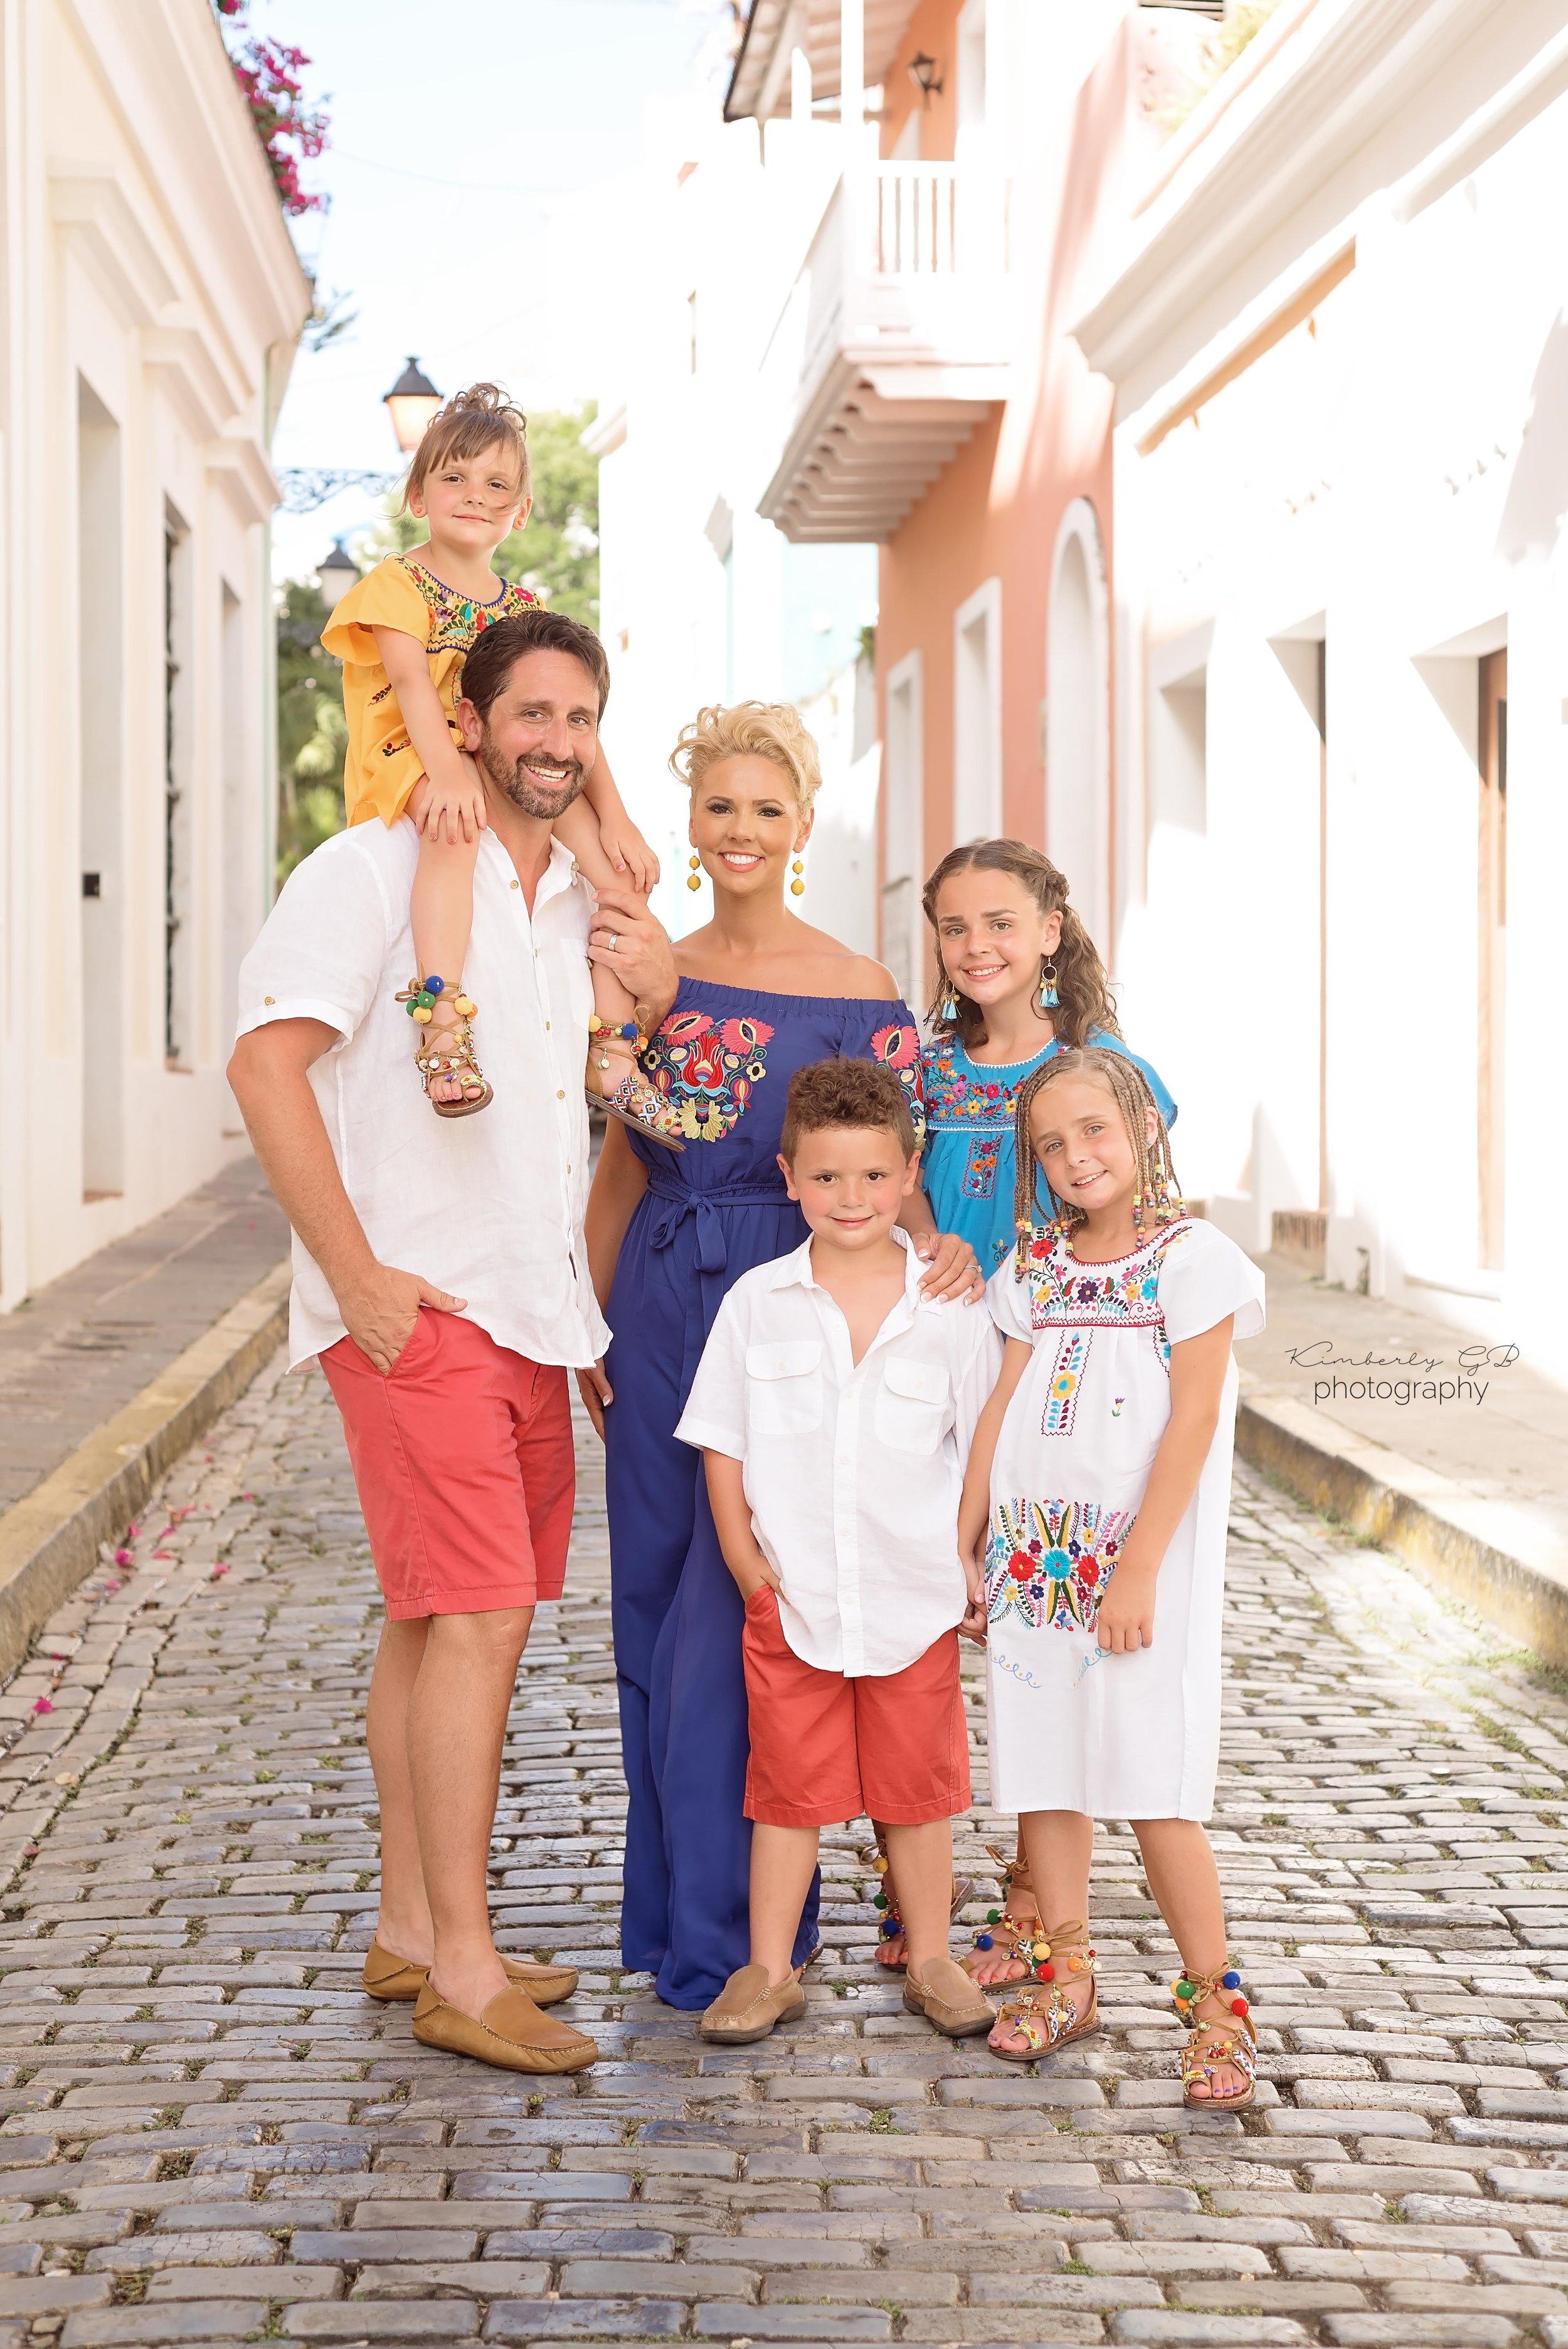 kimberly-gb-photography-fotografa-portrait-retrato-family-familia-puerto-rico-55.jpg